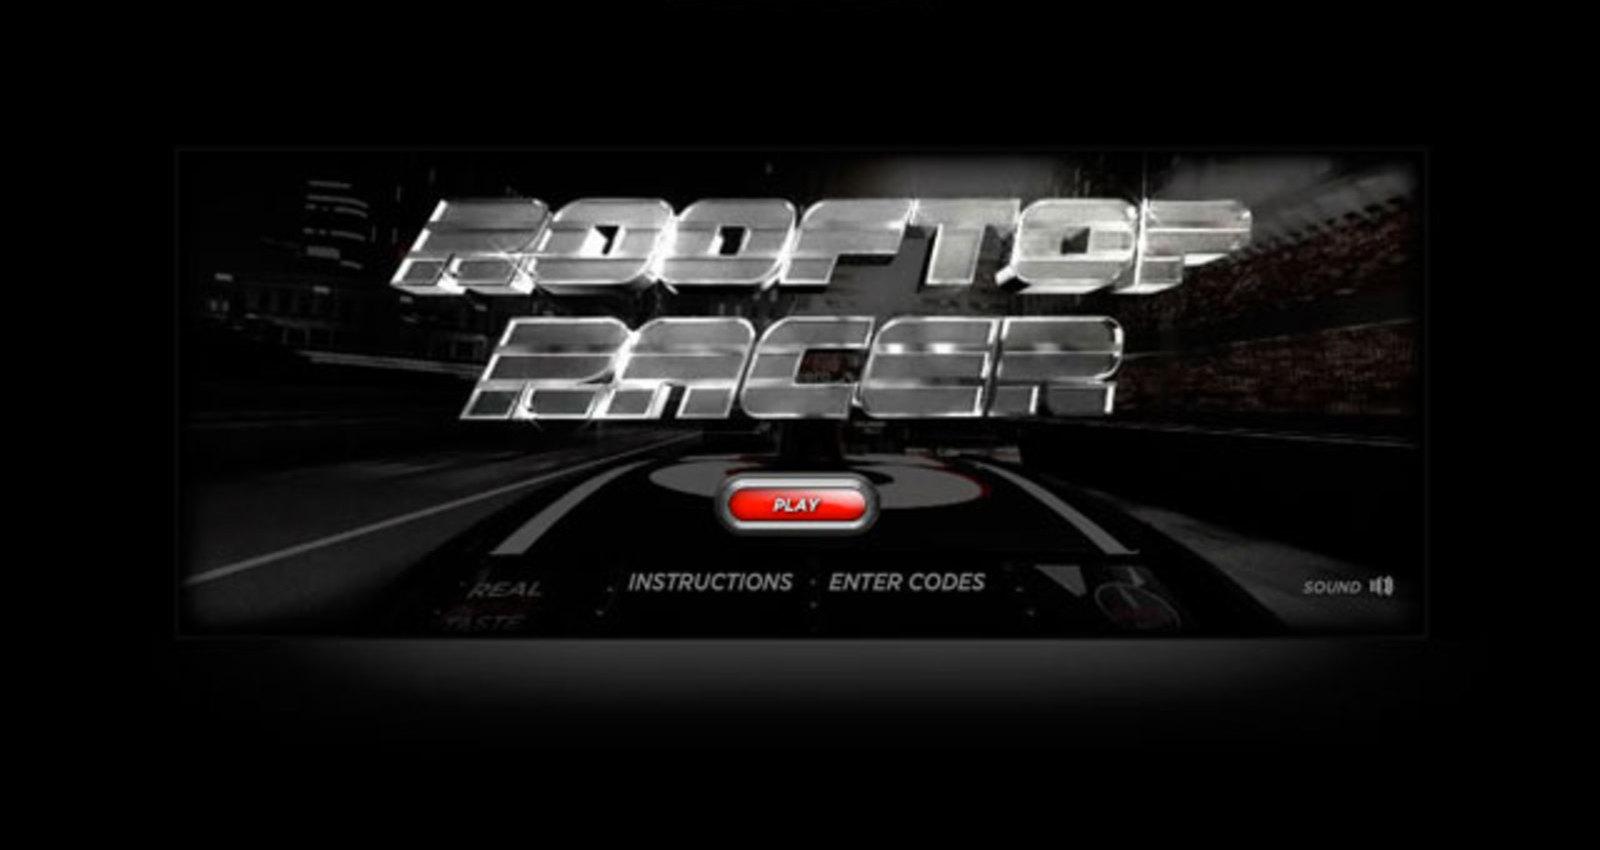 Rooftop Racer